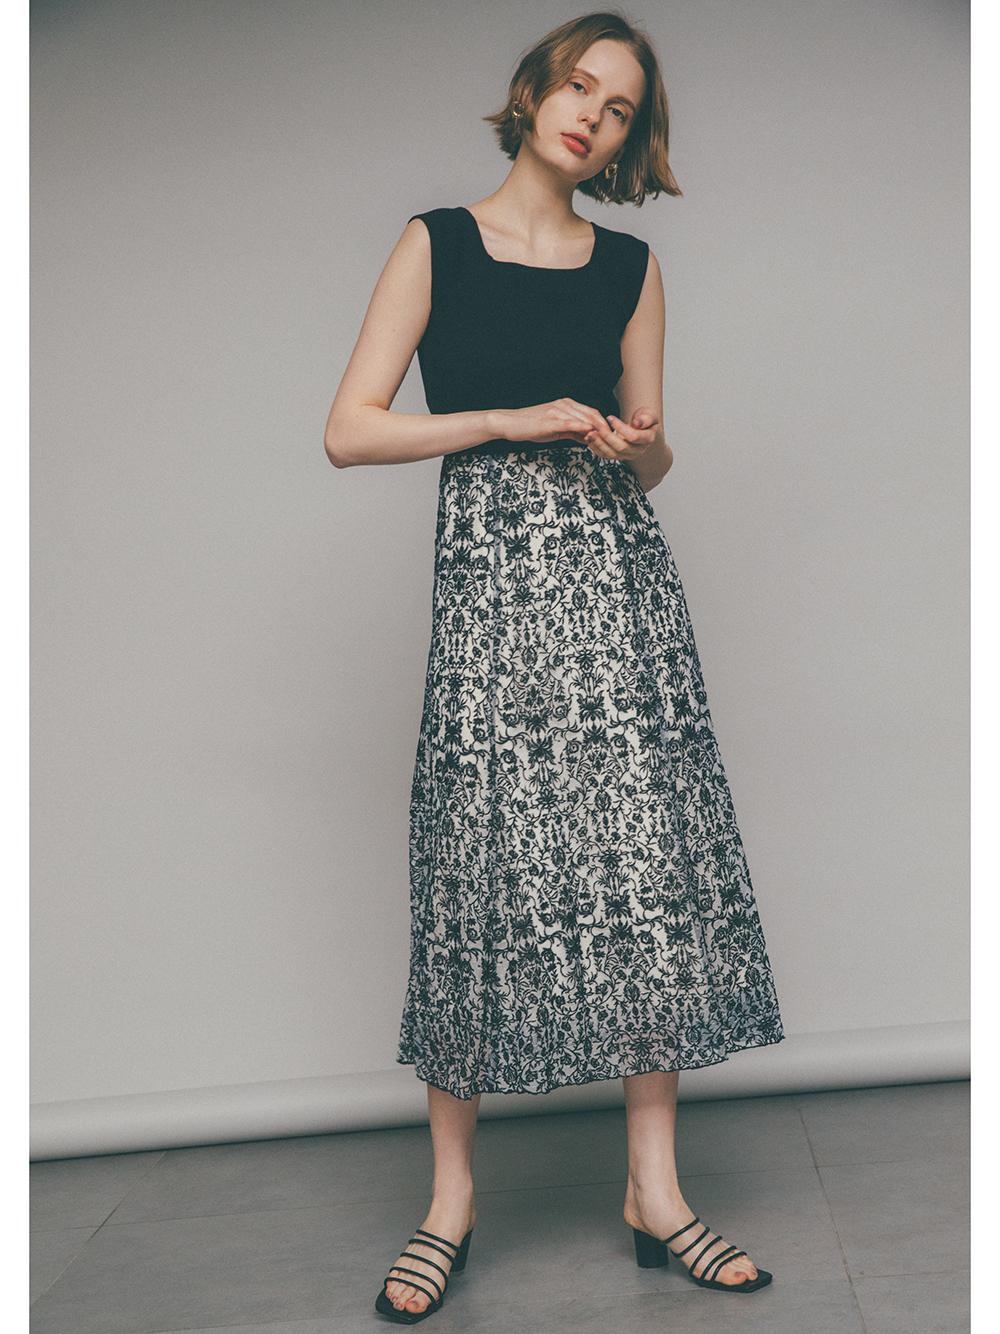 【限定】総刺繍カットドッキングワンピース(BLK-0)